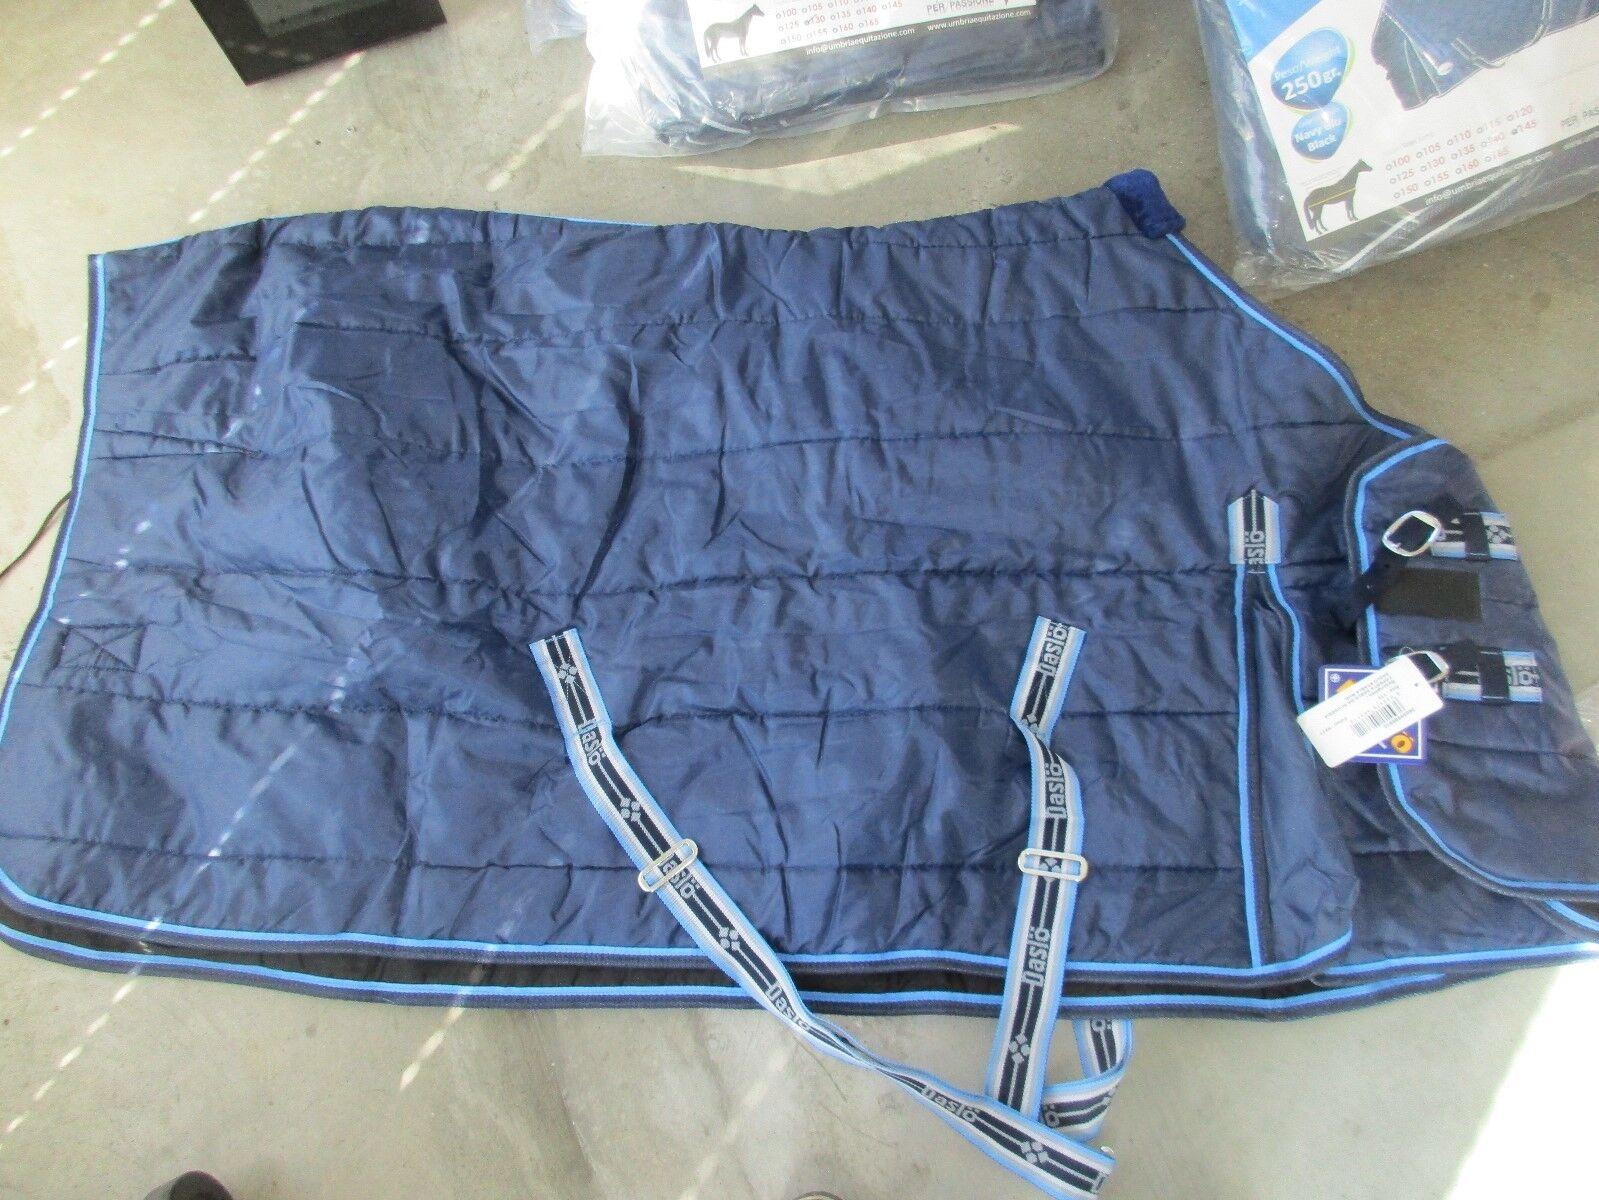 4  Pezzi di coperta trapuntina  per cavtuttii da scatola da 200 gr